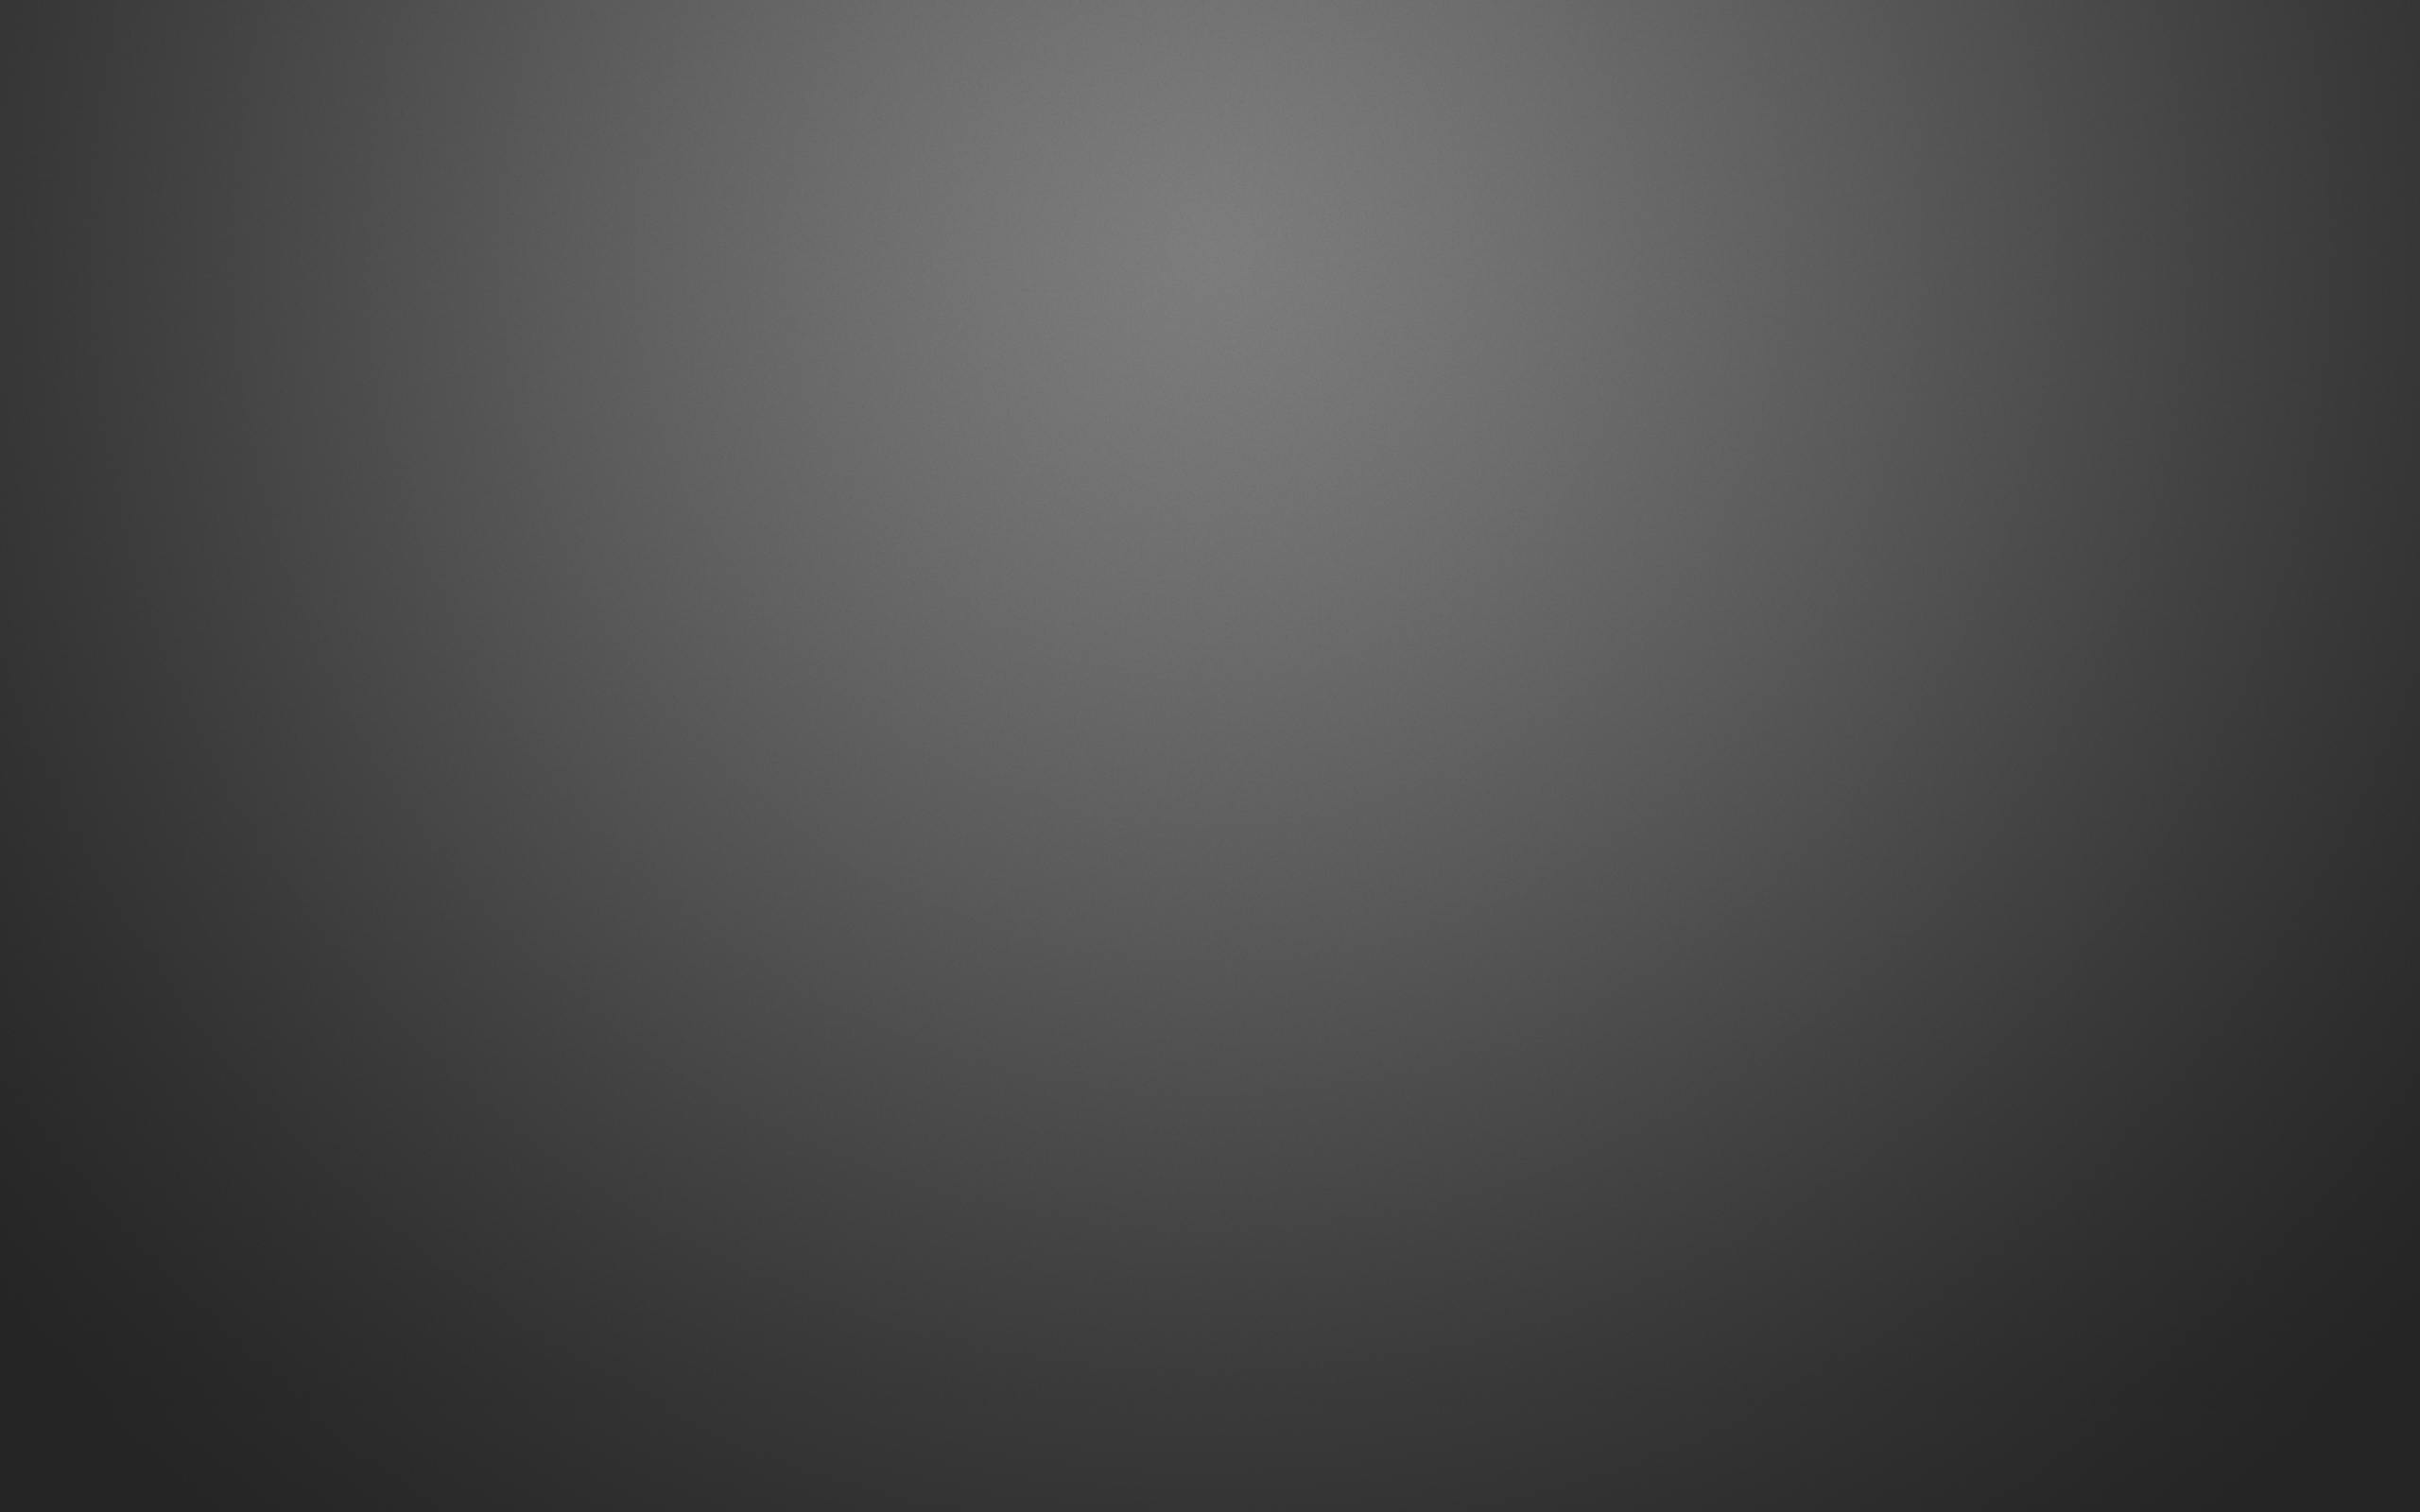 Plain Desktop Backgrounds